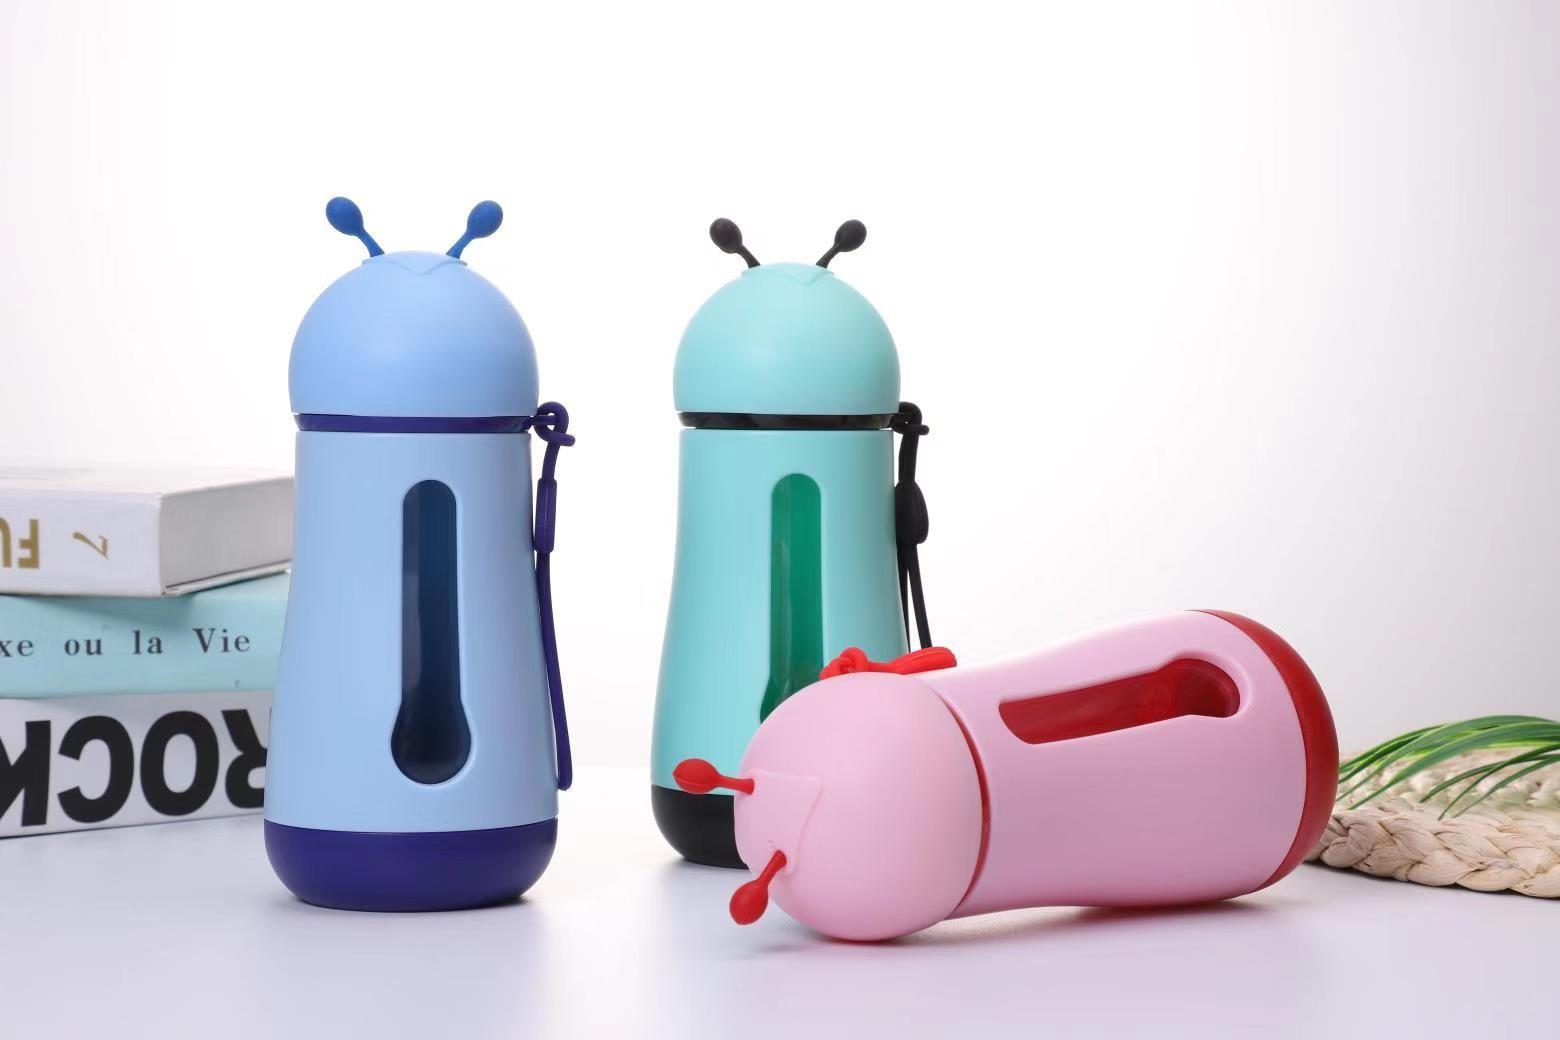 Vendita calda bottiglia di acqua della tazza di plastica di viaggio Kettle plastica Bambini bottiglia regalo acquatici Mug Promozione